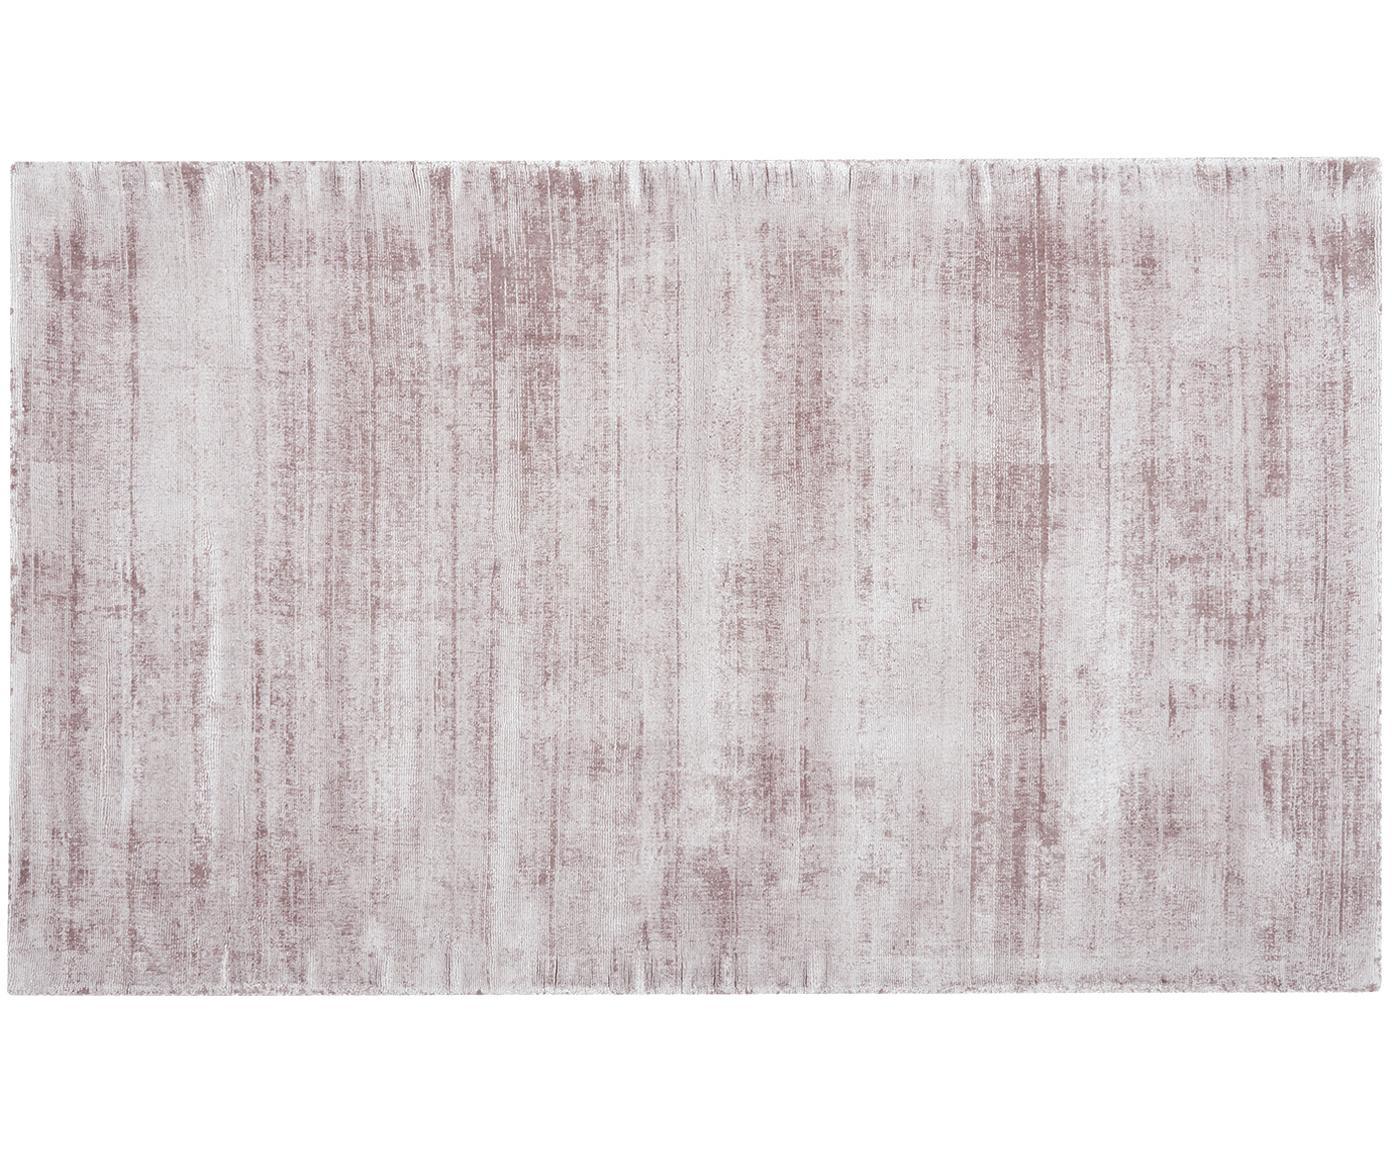 Handgewebter Viskoseteppich Jane in Flieder, Flor: 100% Viskose, Flieder, B 90 x L 150 cm (Grösse XS)